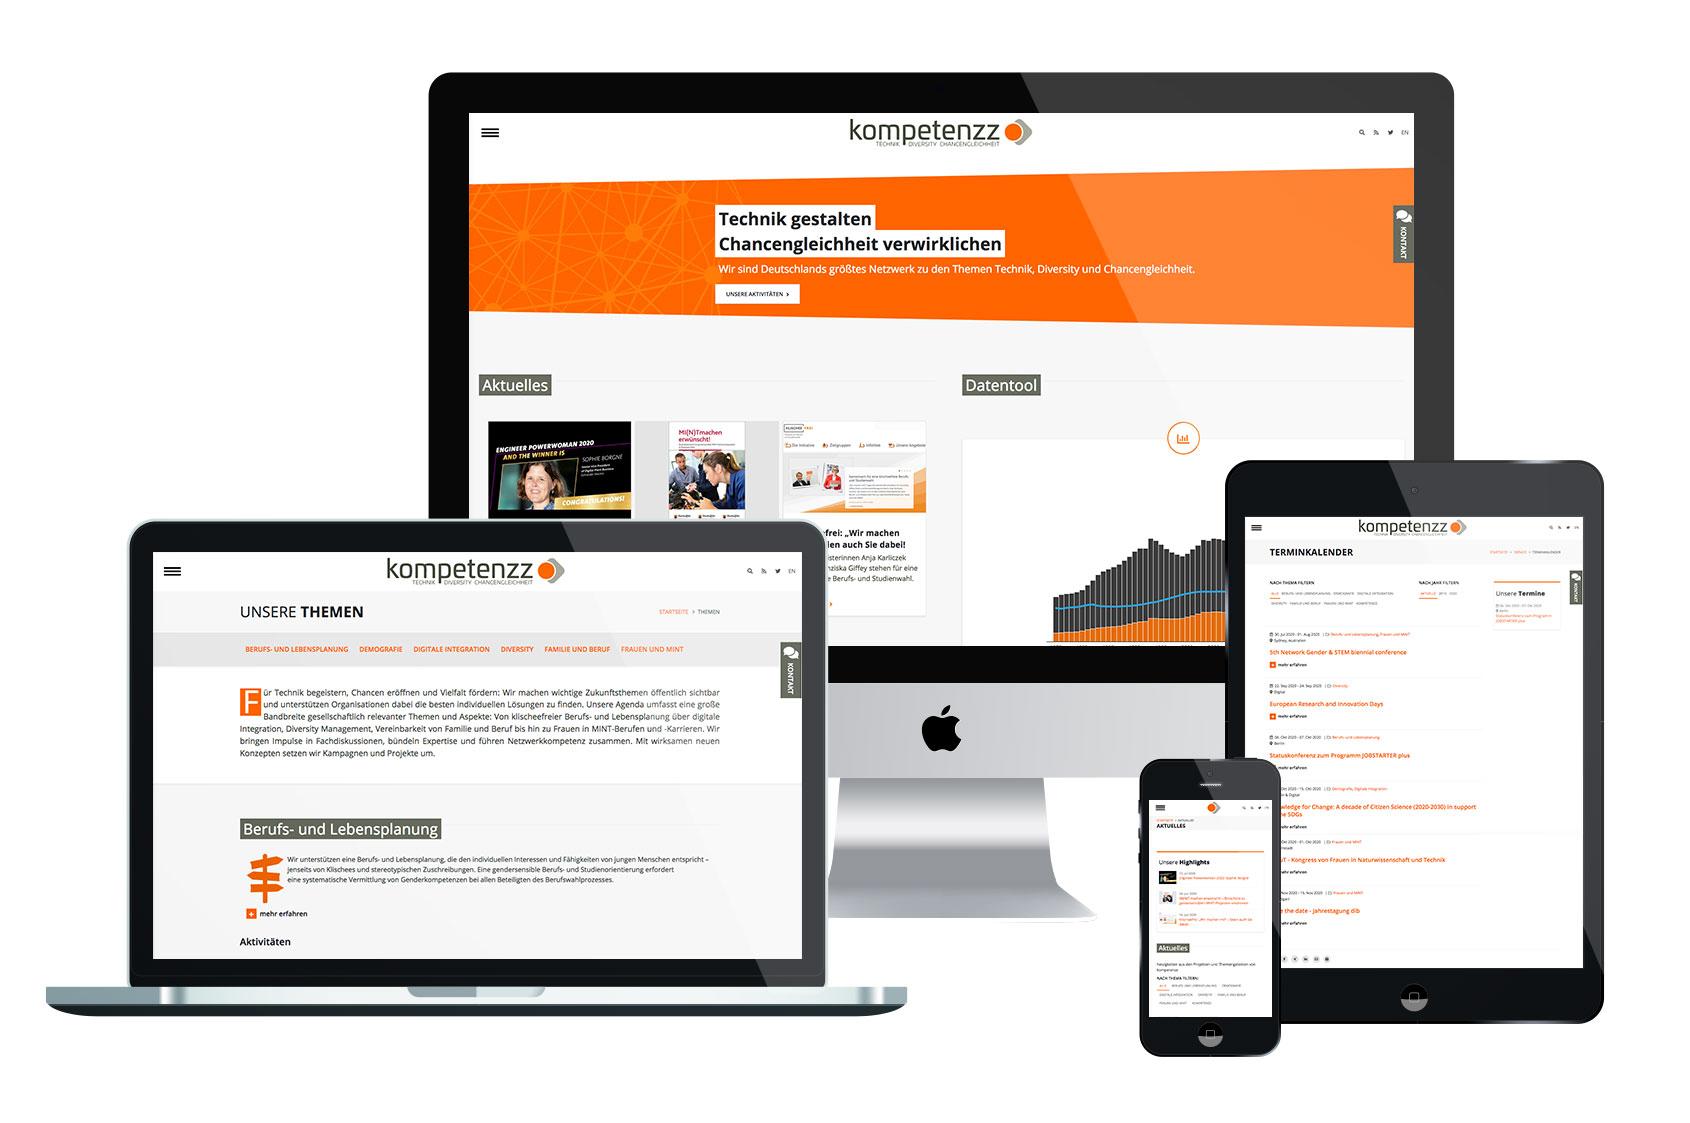 kompetenzz_online.jpg